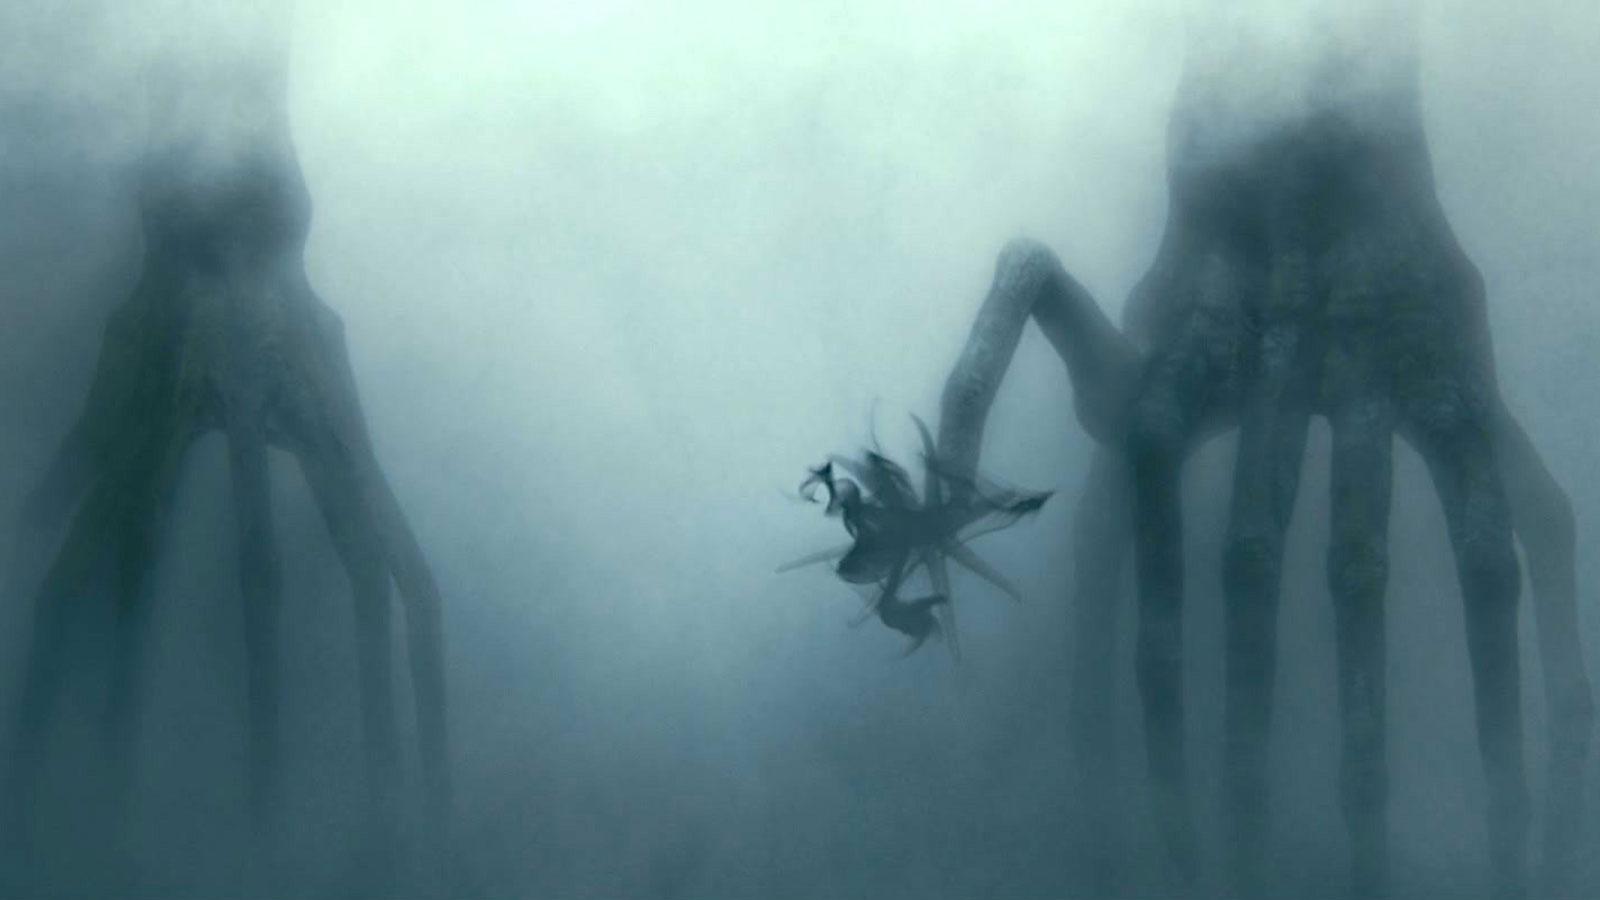 Aliens com tentáculos